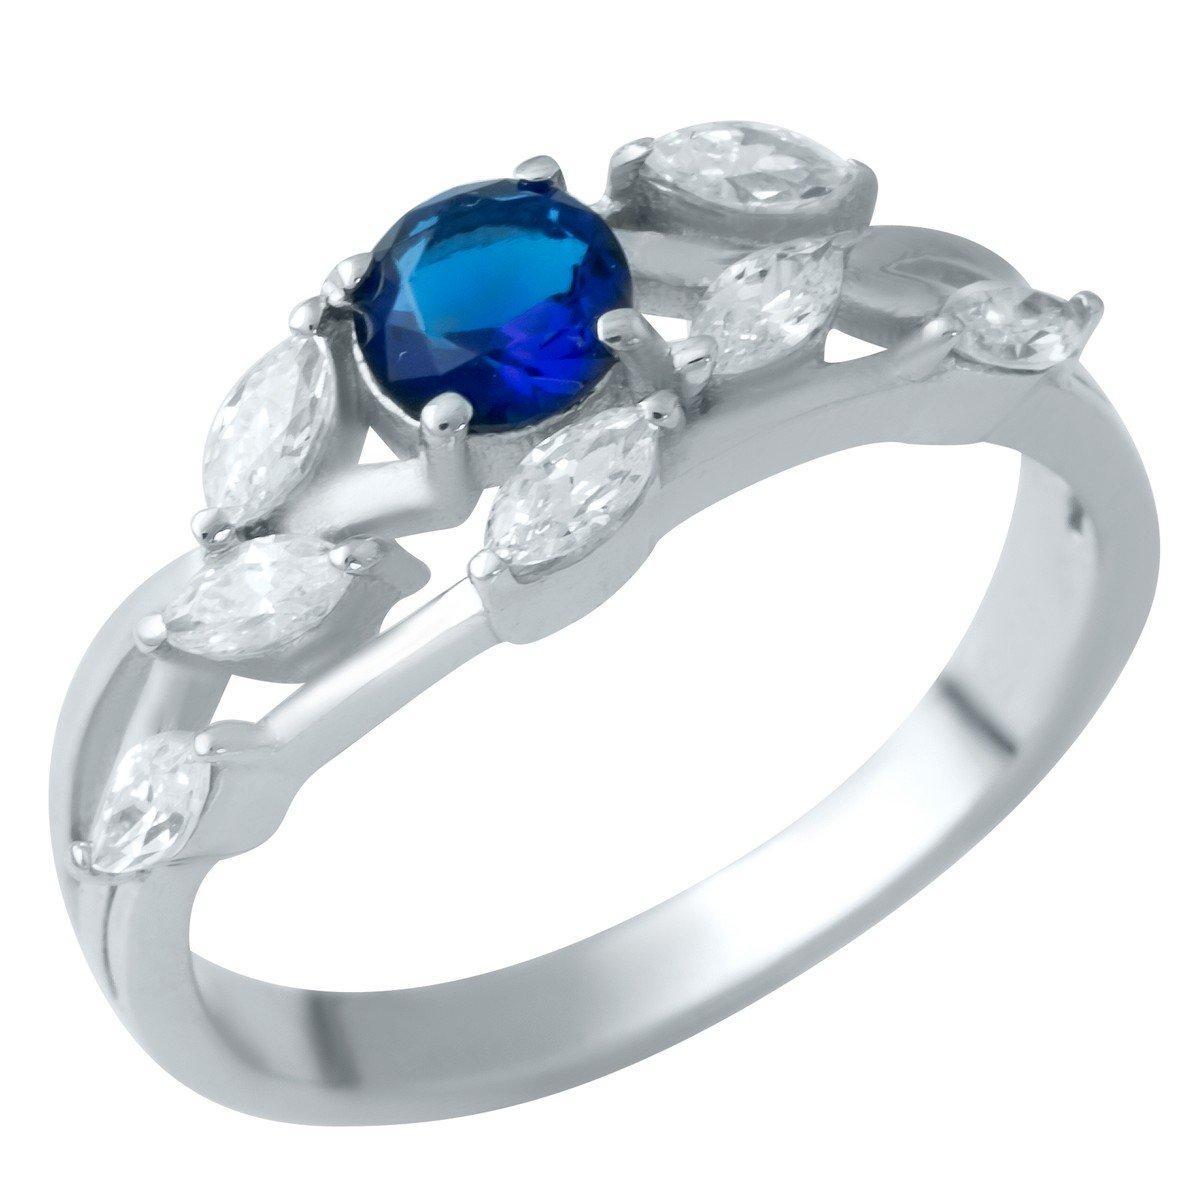 Серебряное кольцо DreamJewelry с сапфиром nano (1937747) 18 размер